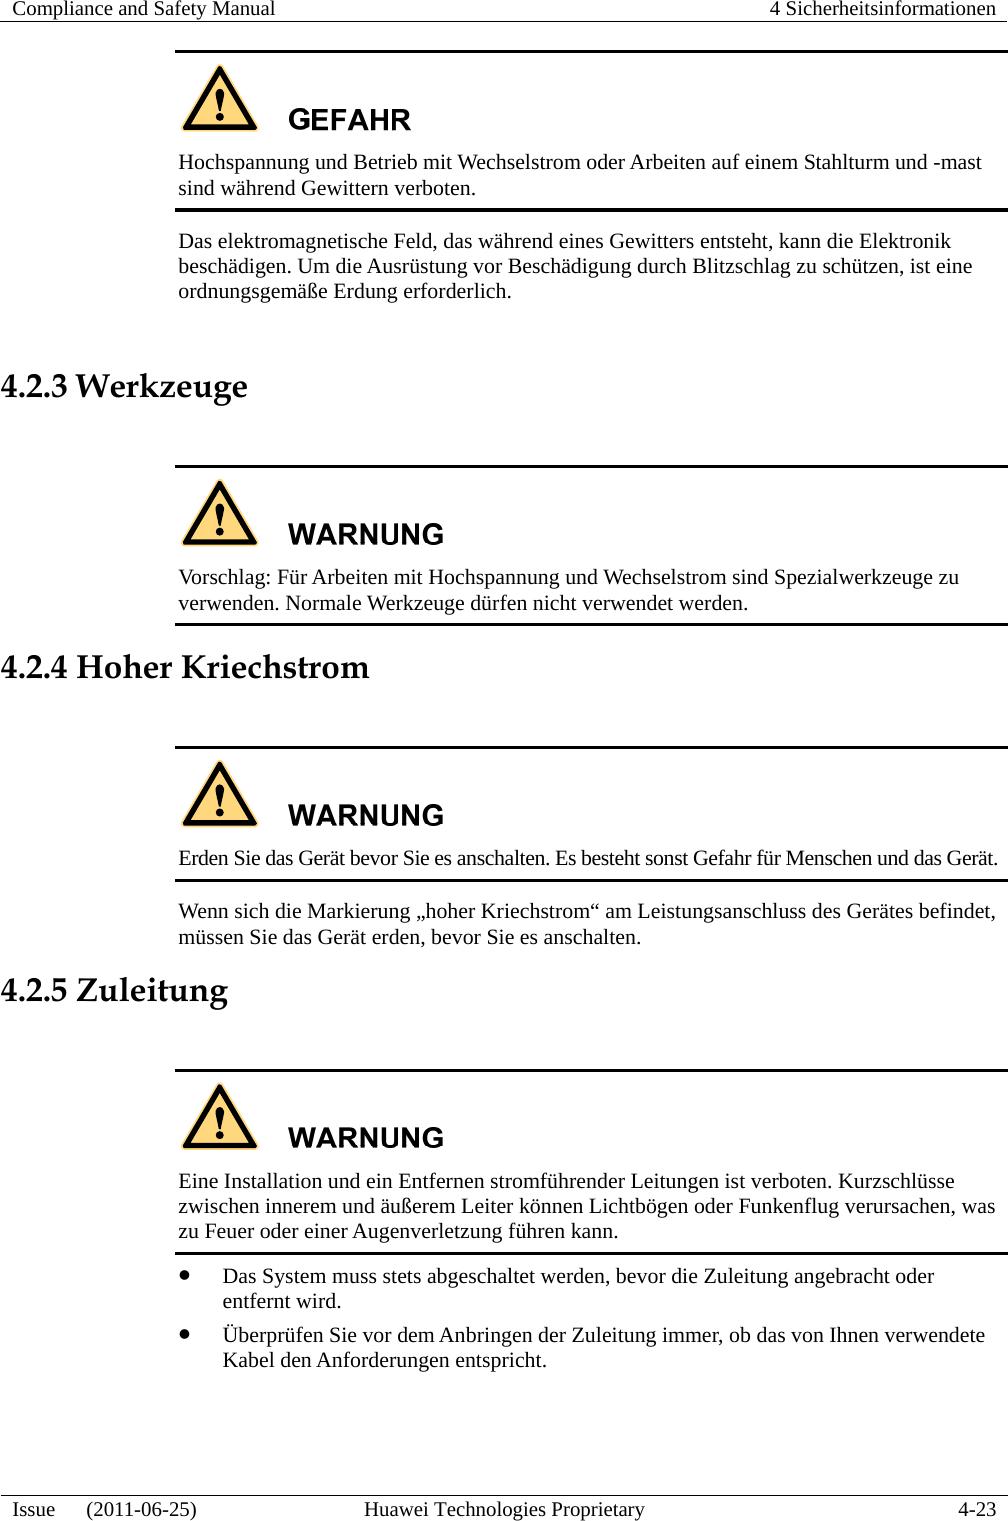 Charmant 2 Poliges 3 Leiter Erdungsdiagramm Galerie - Elektrische ...